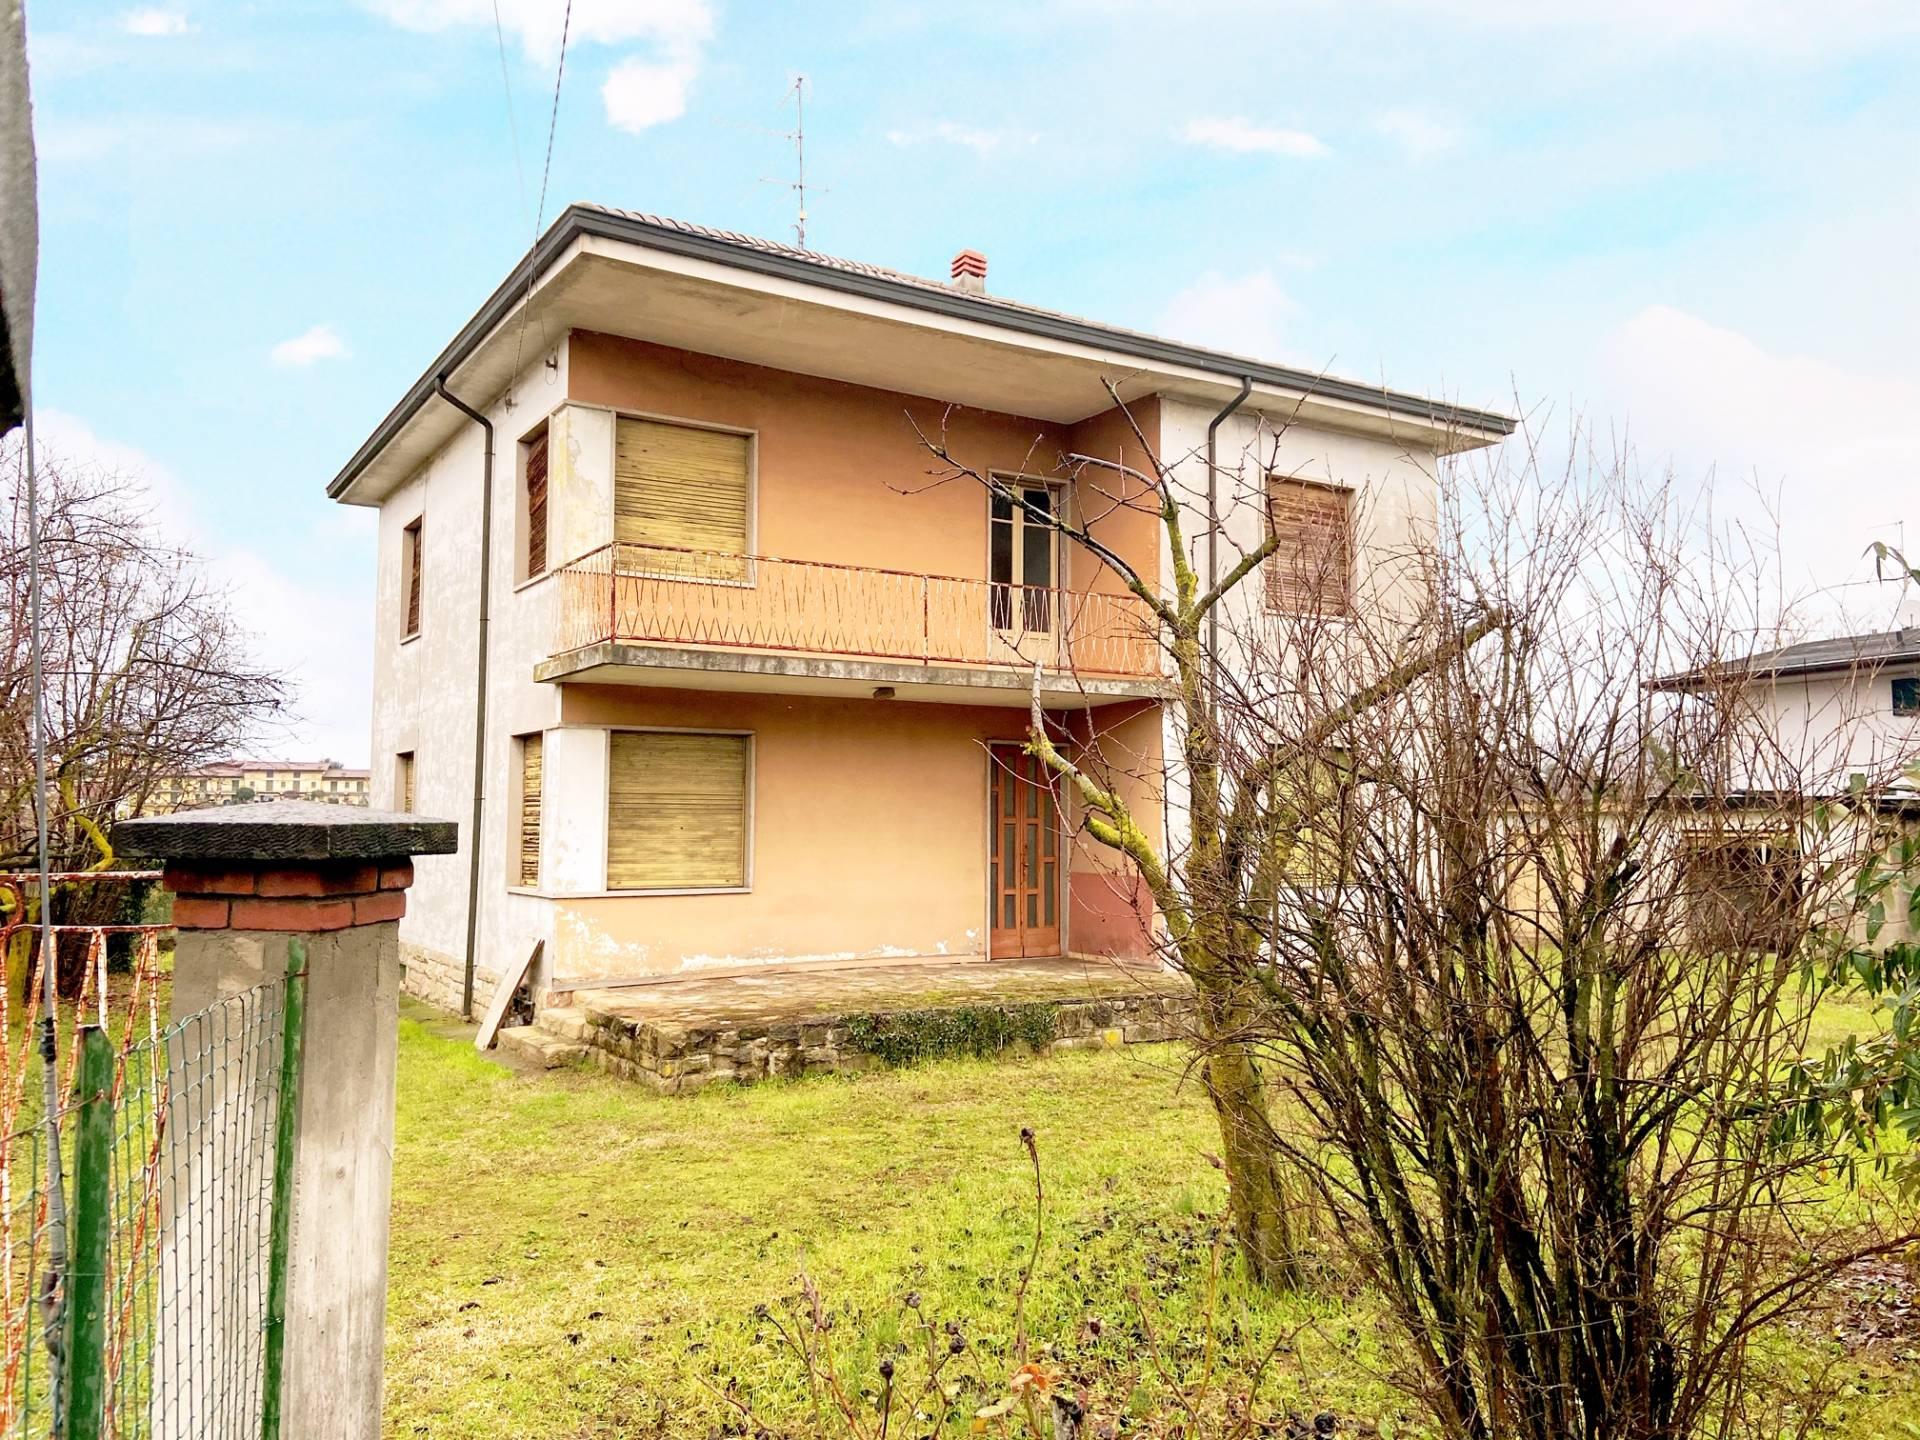 Villa in vendita a Palazzolo sull'Oglio, 8 locali, prezzo € 169.900 | PortaleAgenzieImmobiliari.it